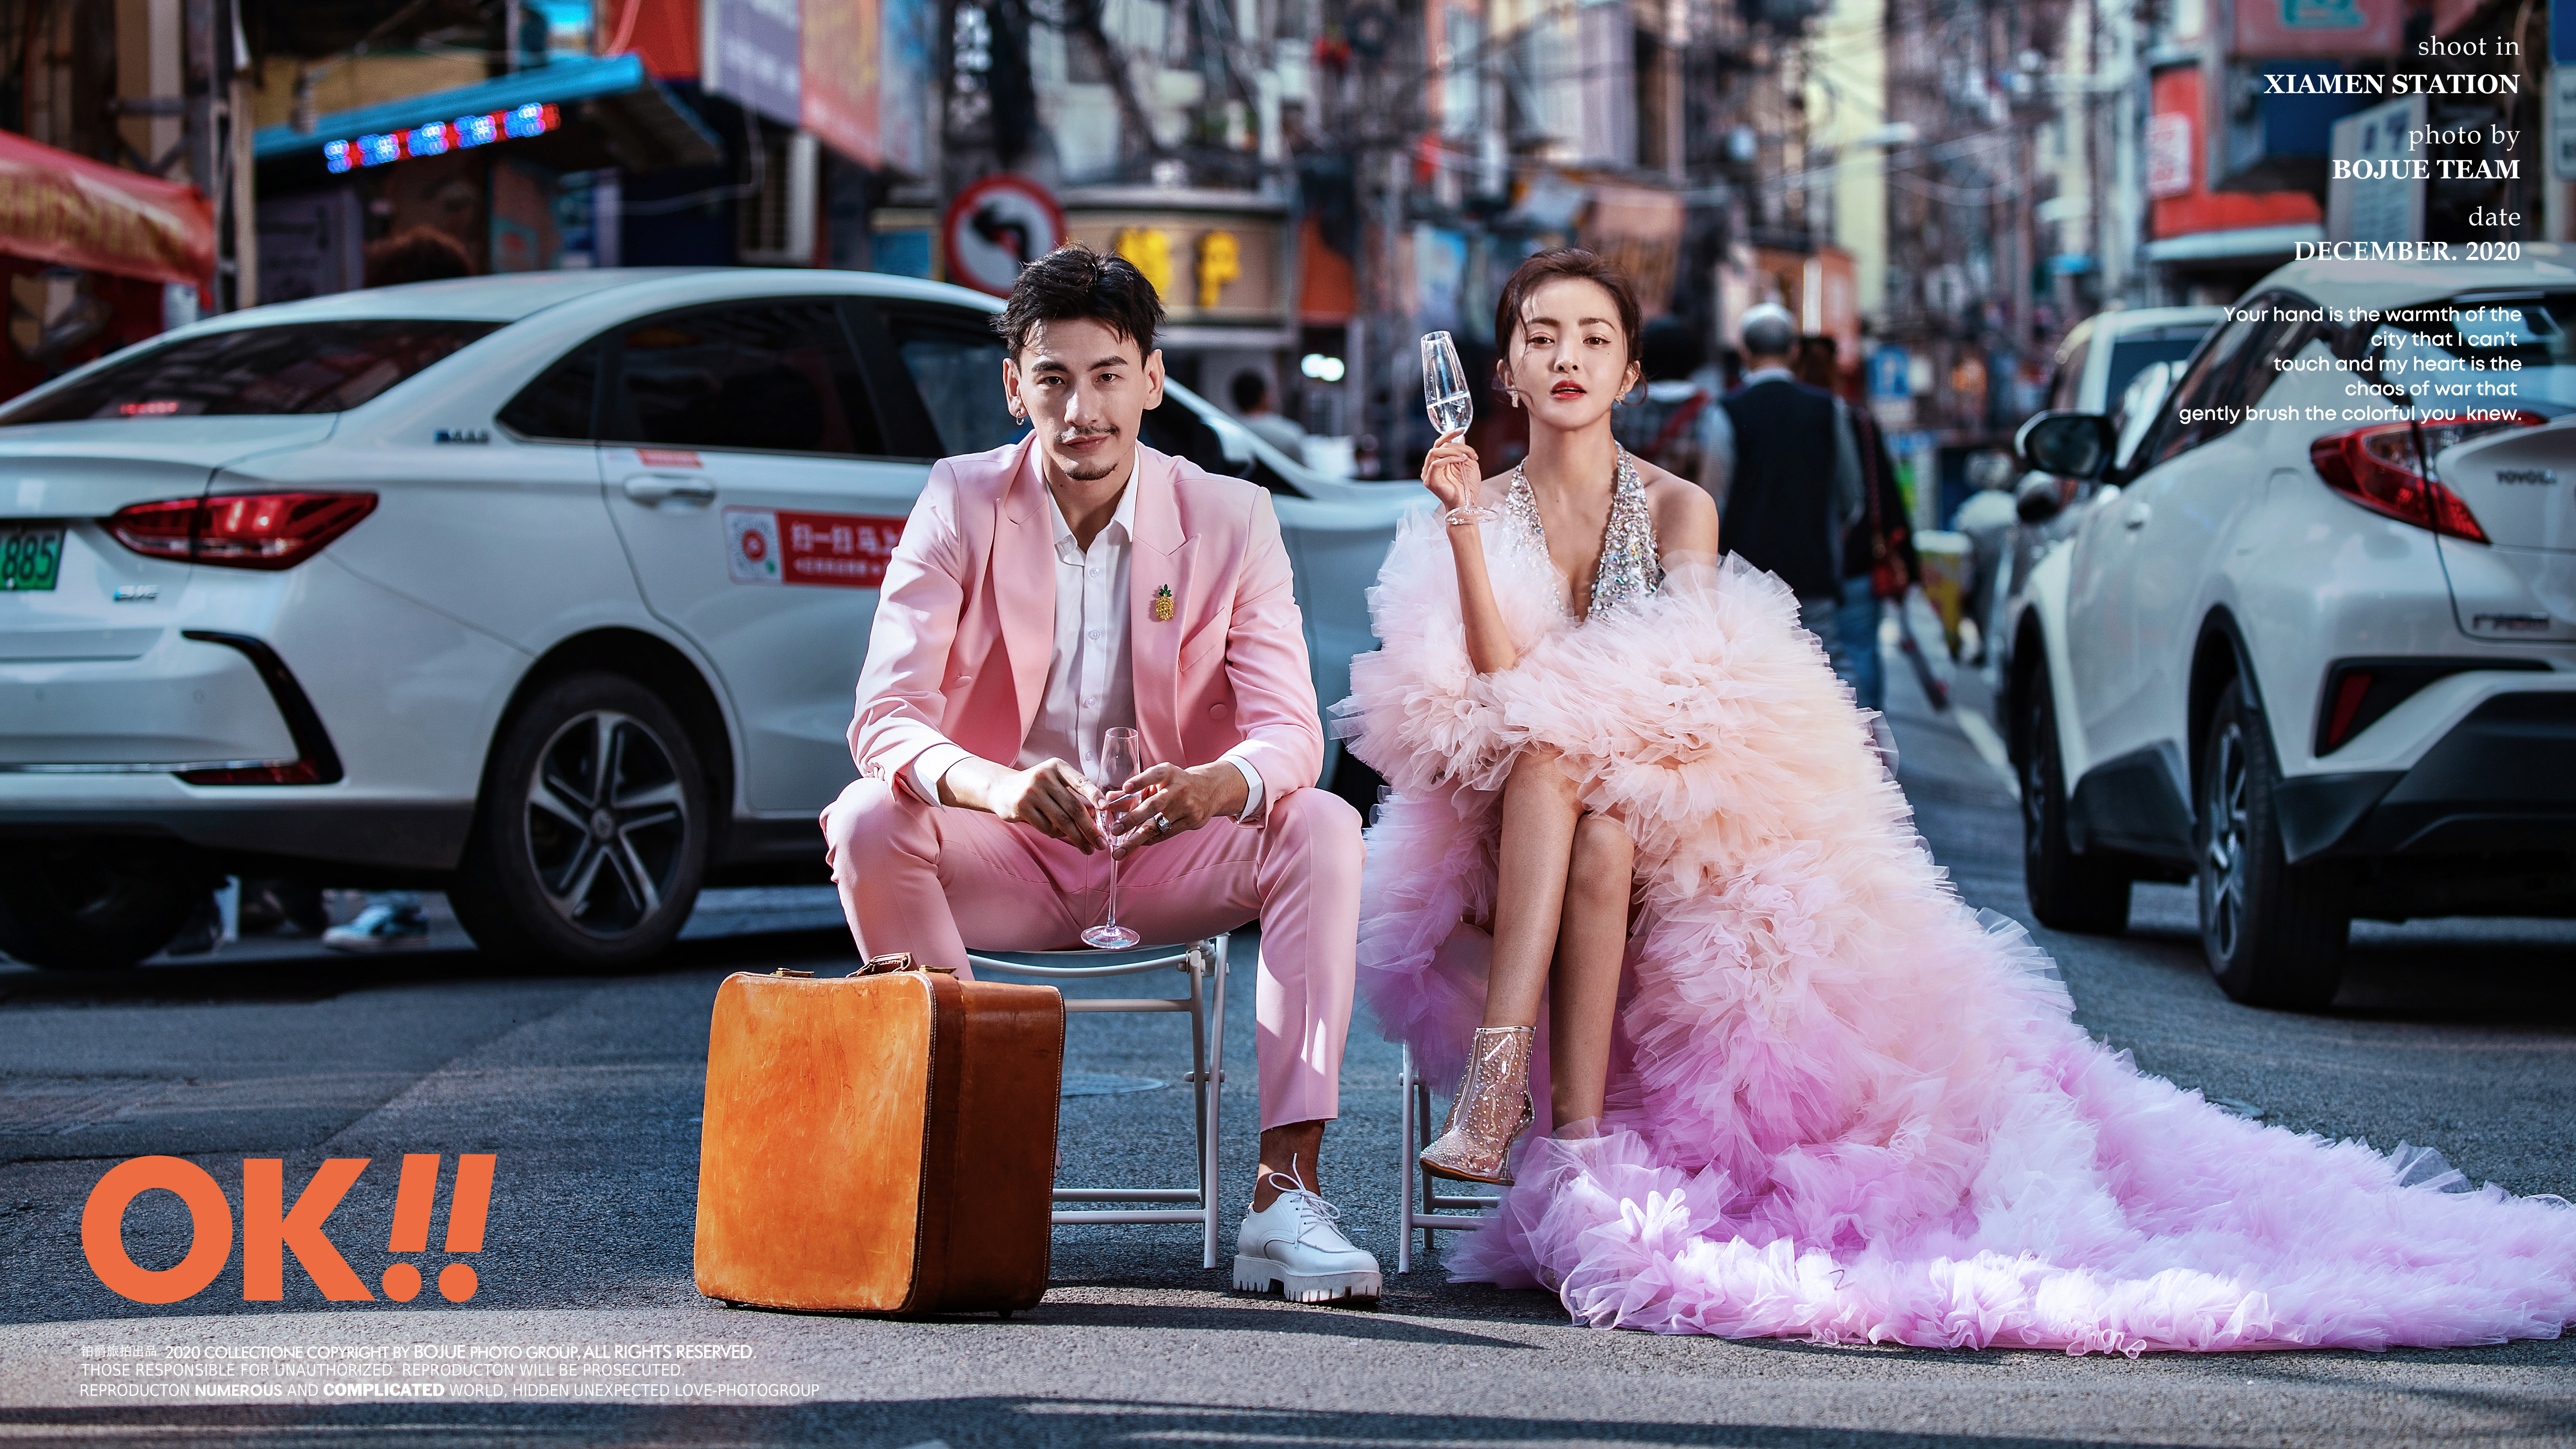 厦门旅拍婚纱摄影网红打卡景点攻略,这几个地方必去